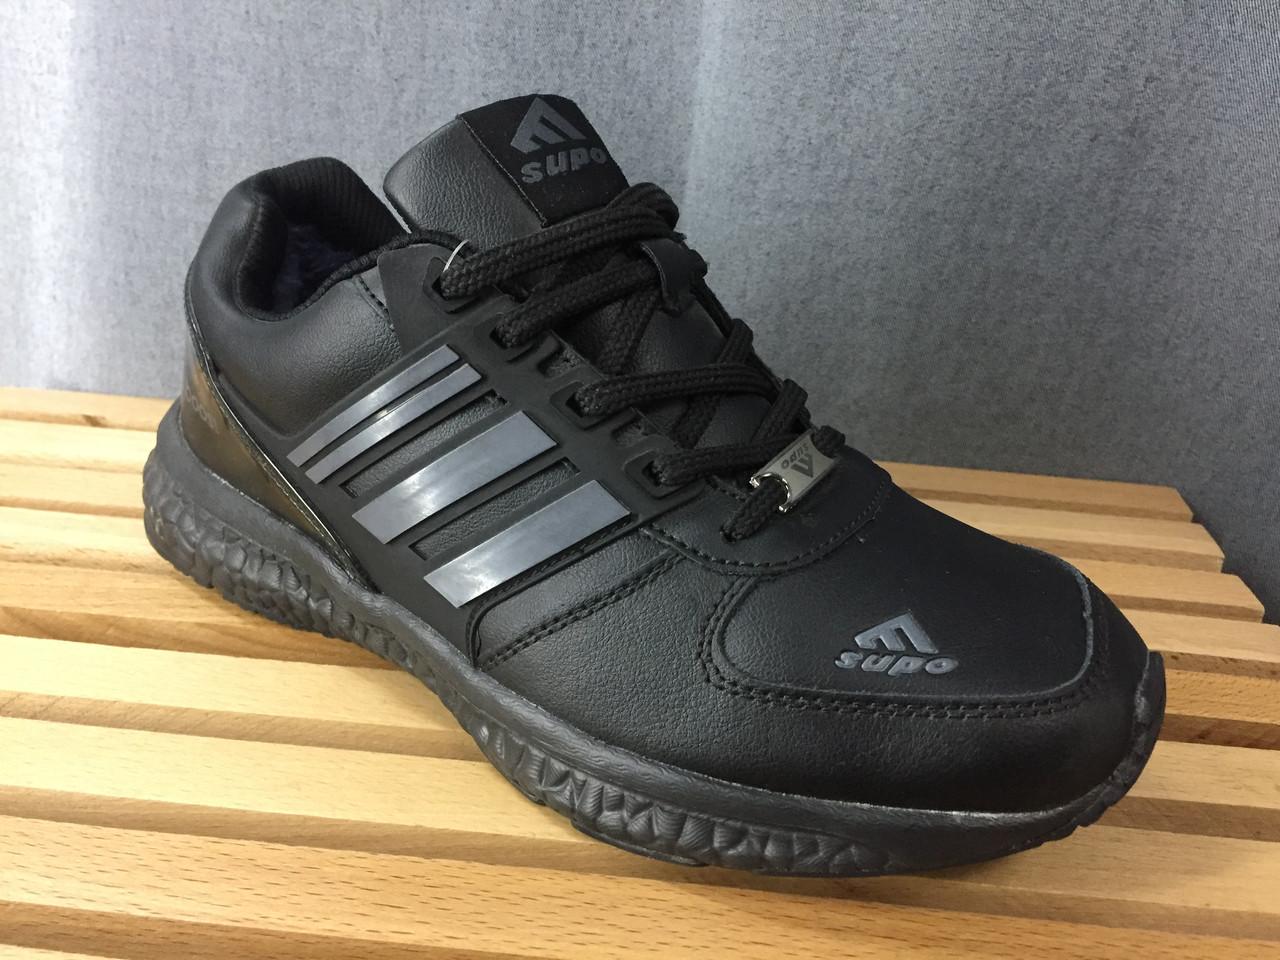 Мужские зимние кроссовки Supo.Черные